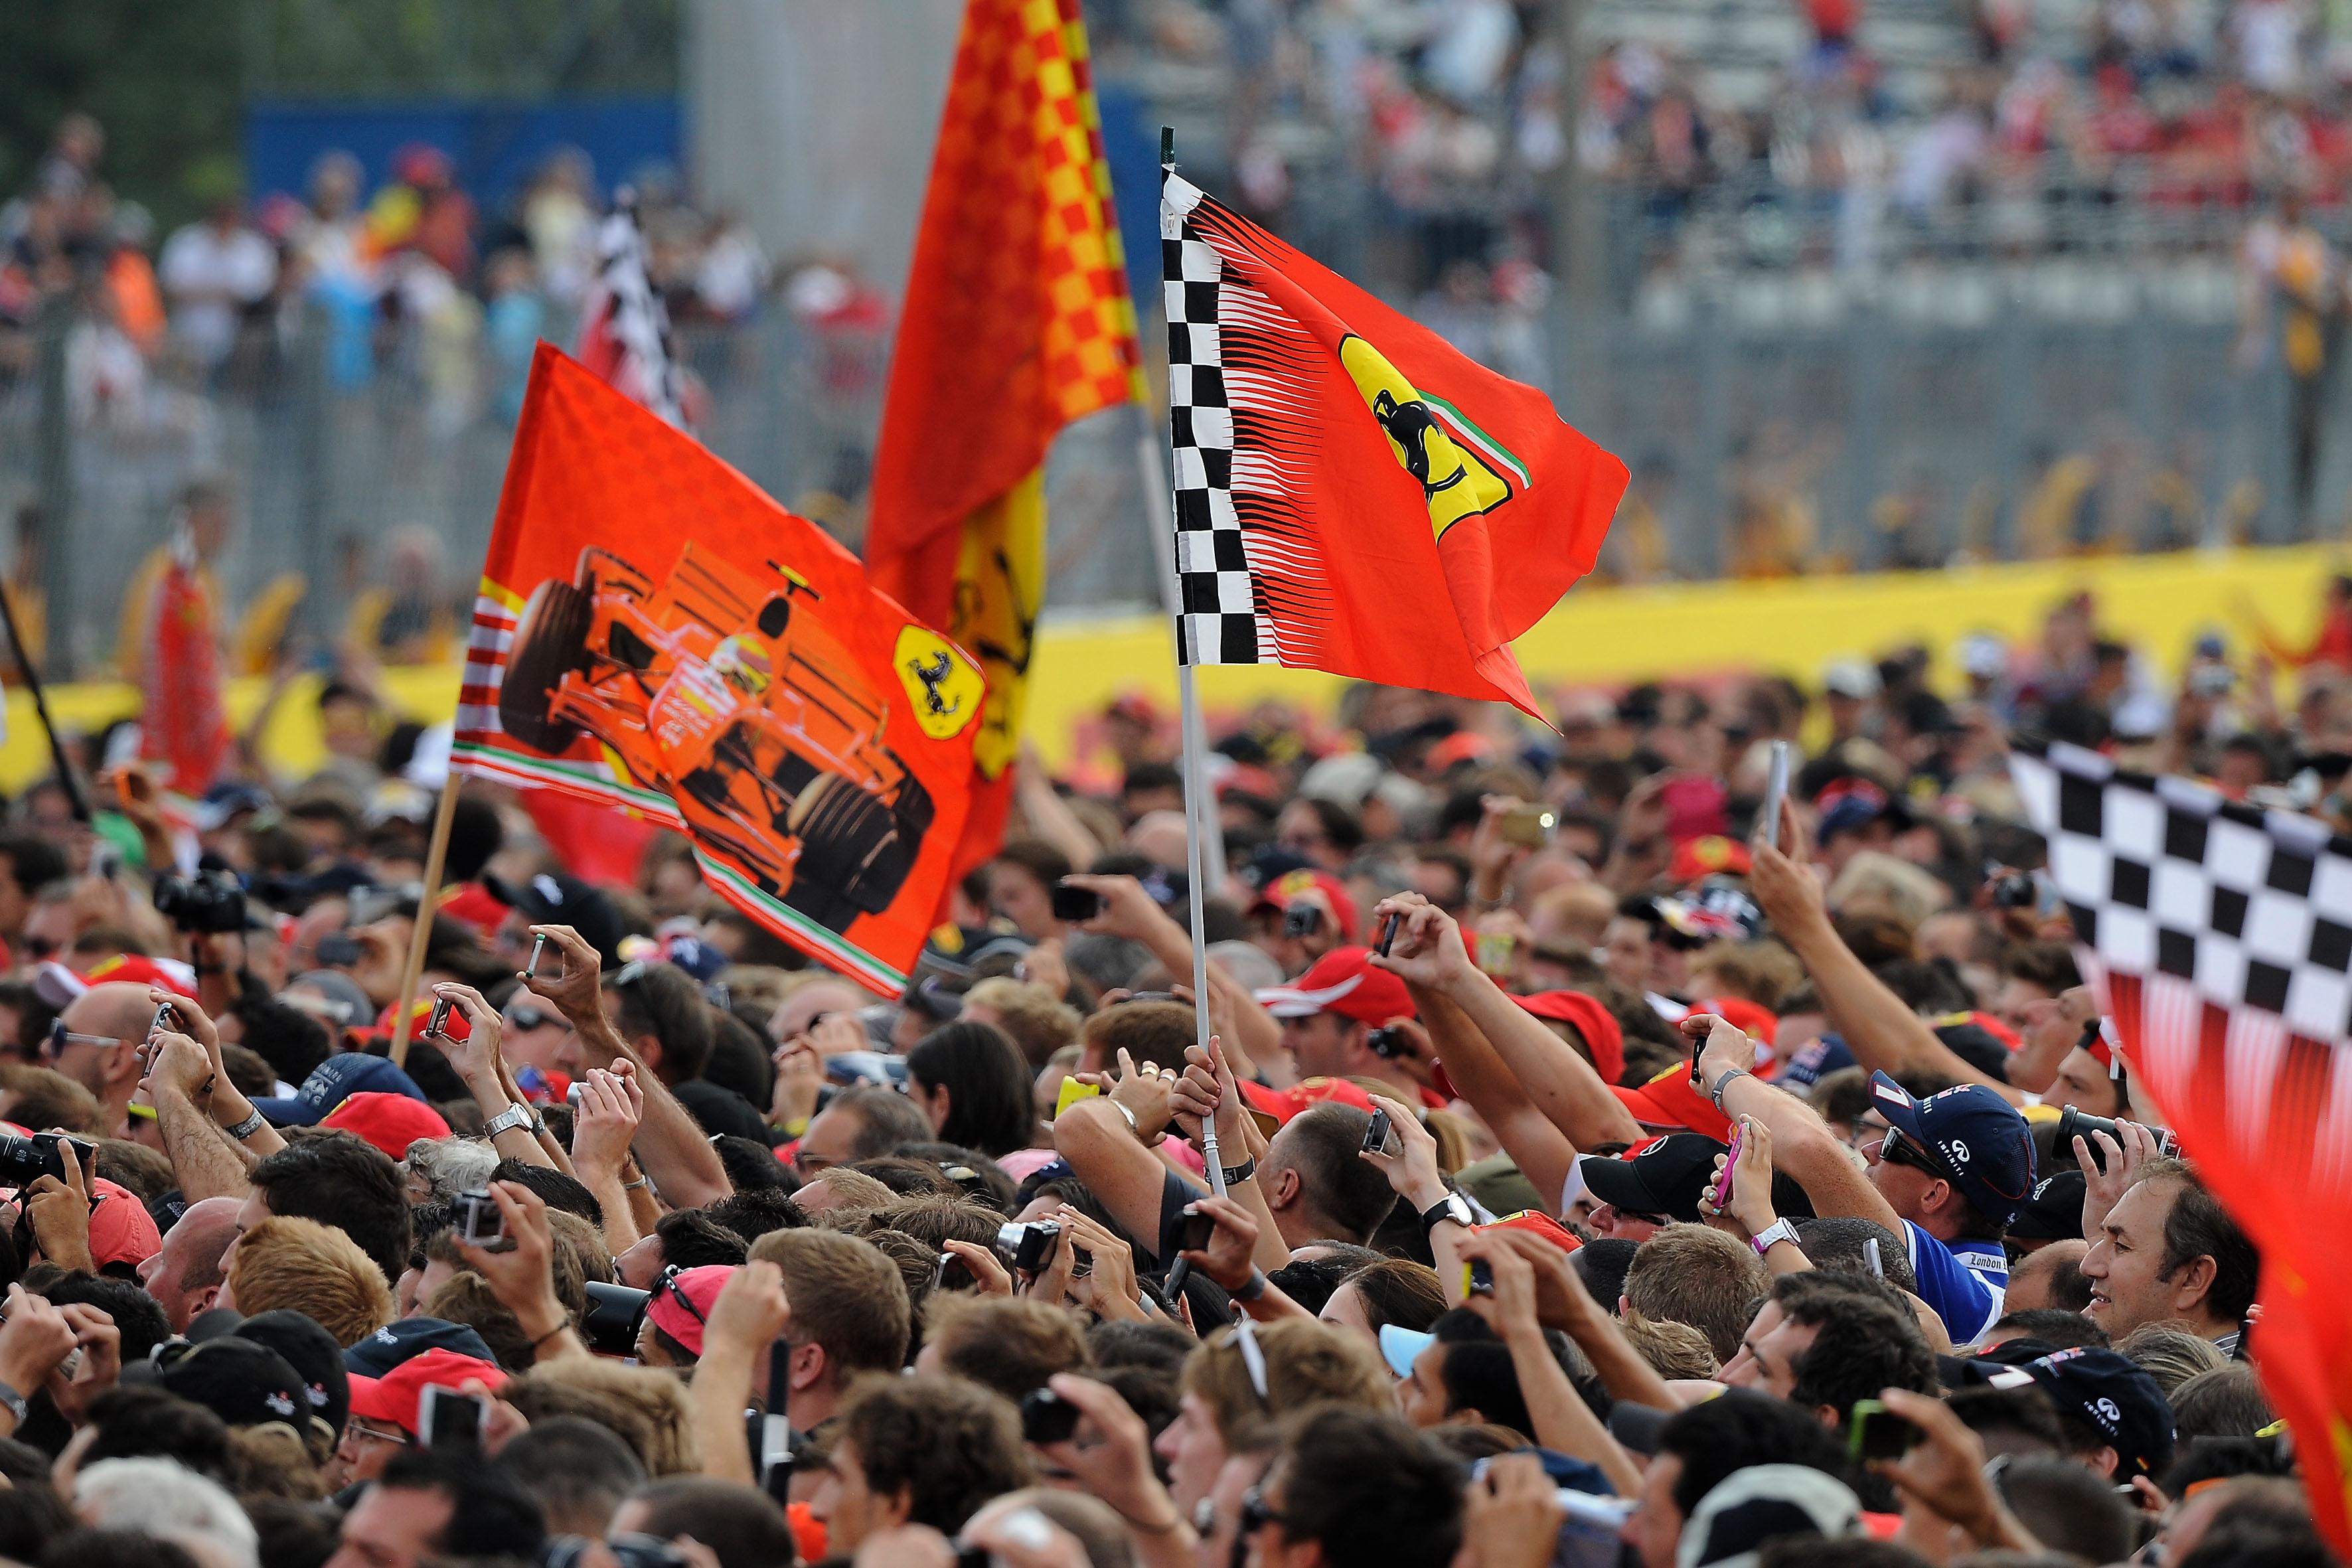 Il verdetto dei tifosi: F1 bocciata!